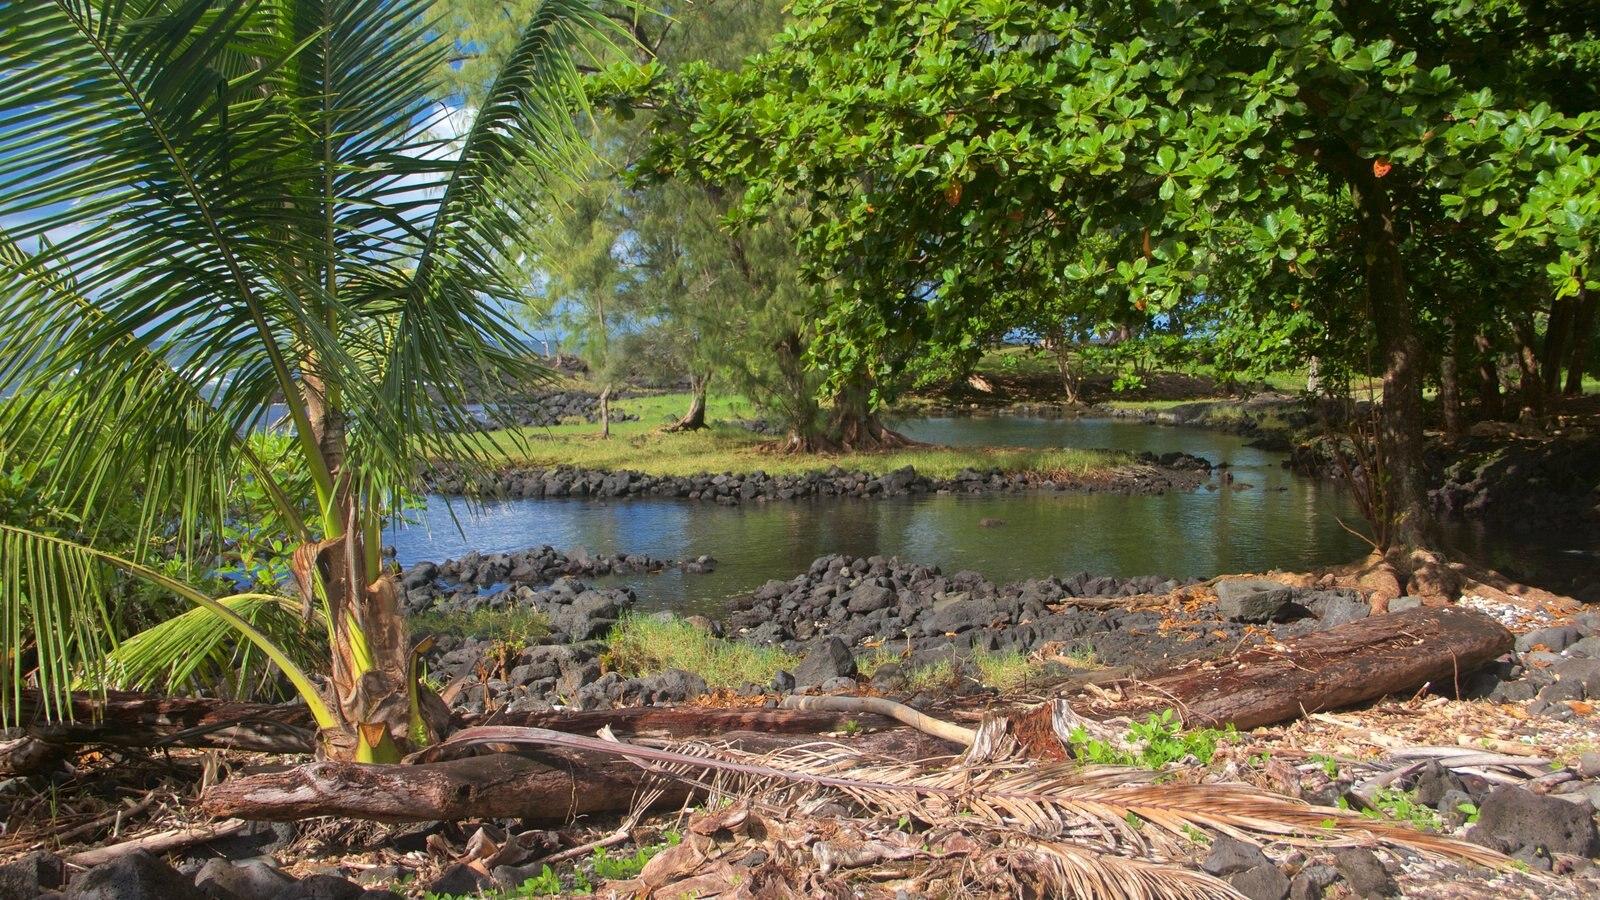 Keaukaha Beach Park mostrando uma praia de pedras